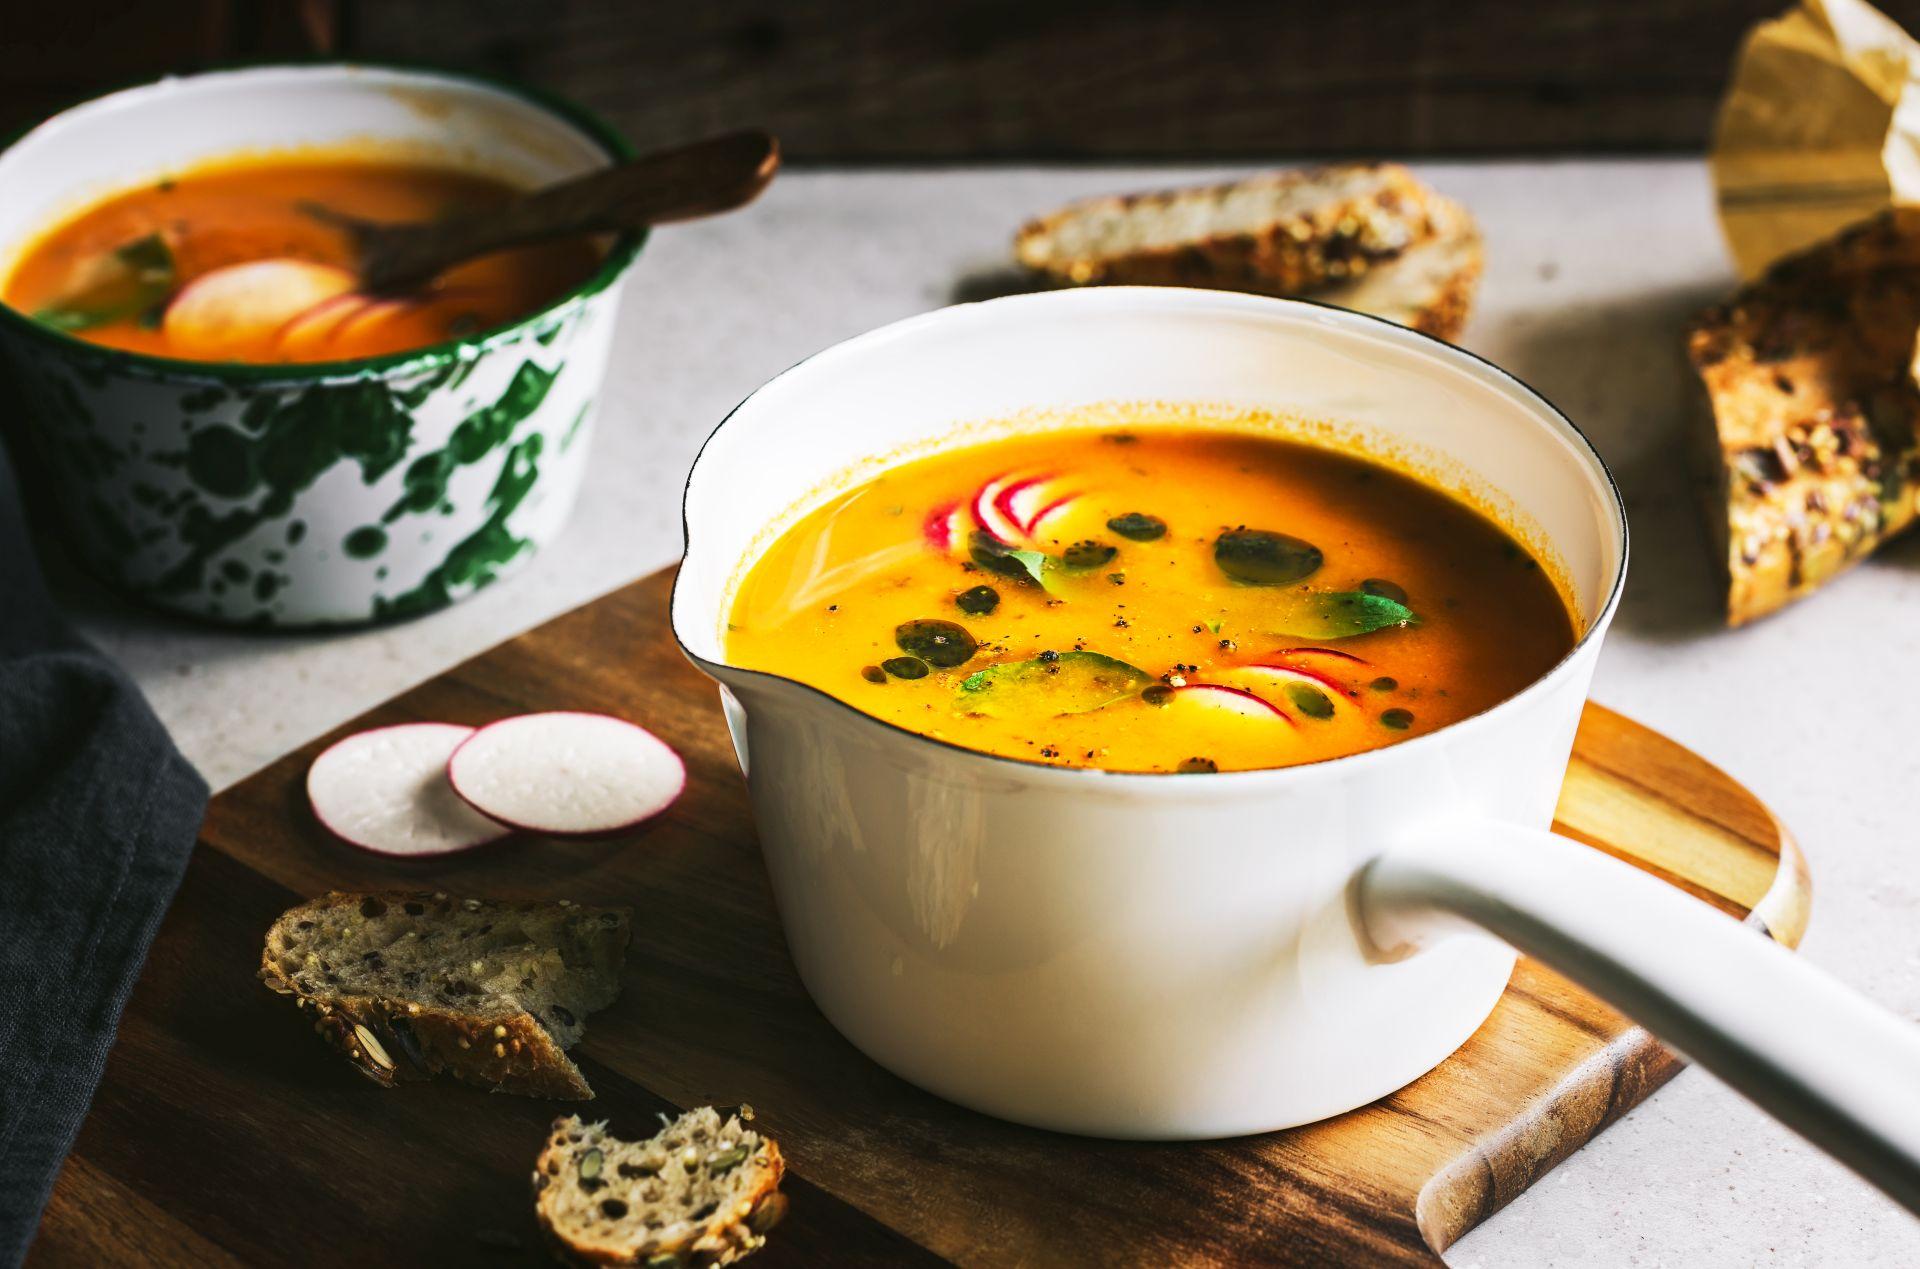 Jak powinna wyglądać dieta zimowa? Co jeść zimą, aby odpowiednio rozgrzewać organizm i zadbać o dostarczanie niezbędnych składników odżywczych? Sprawdź, jakie posiłki rozgrzewające przygotowywać.